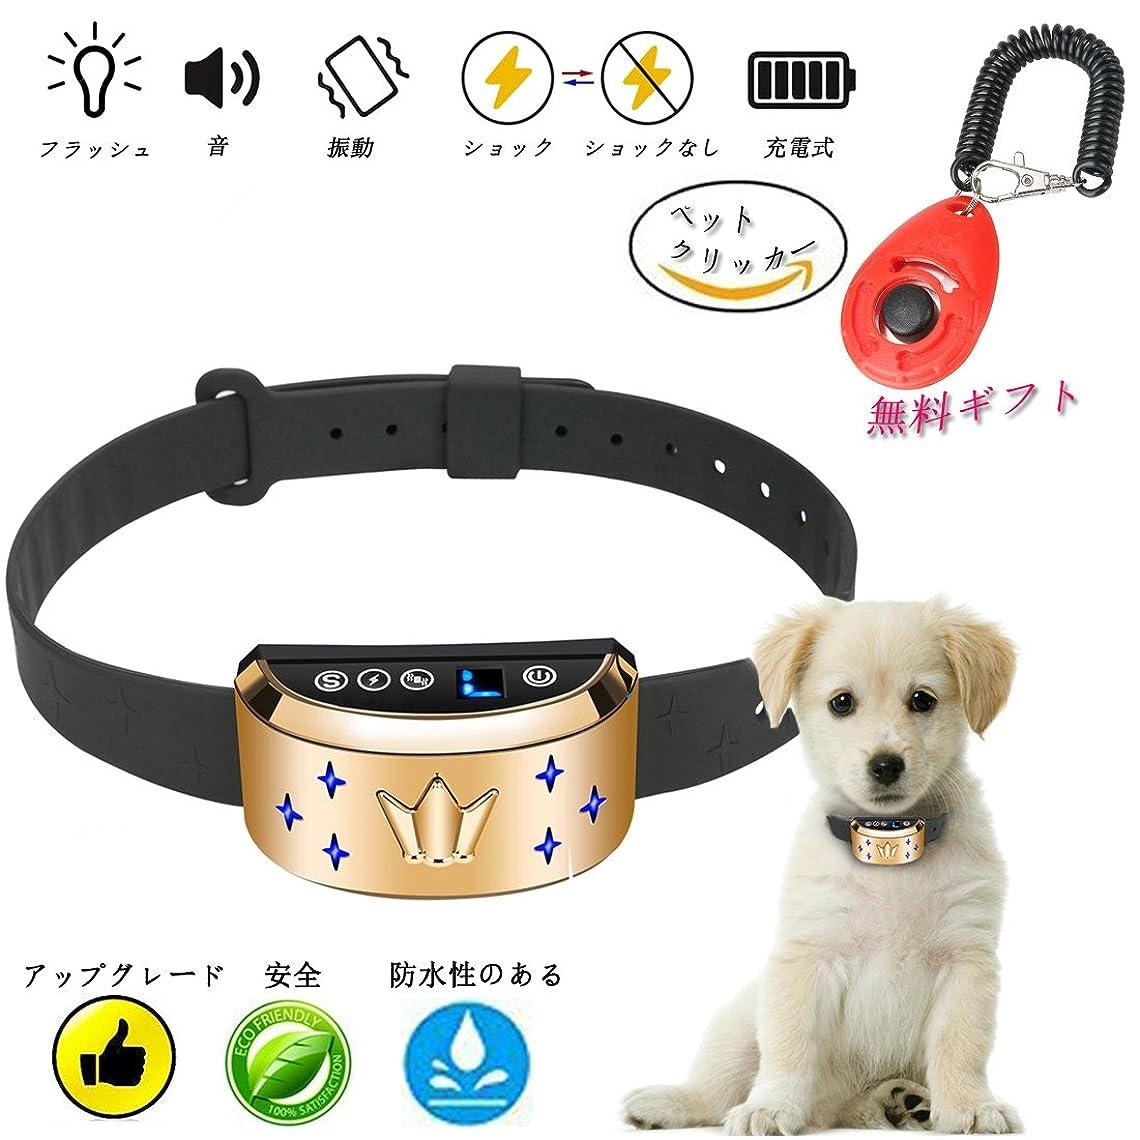 法的ファッションインタネットを見るペットセーフ スプレー バークコントロール デラックス 小型犬用